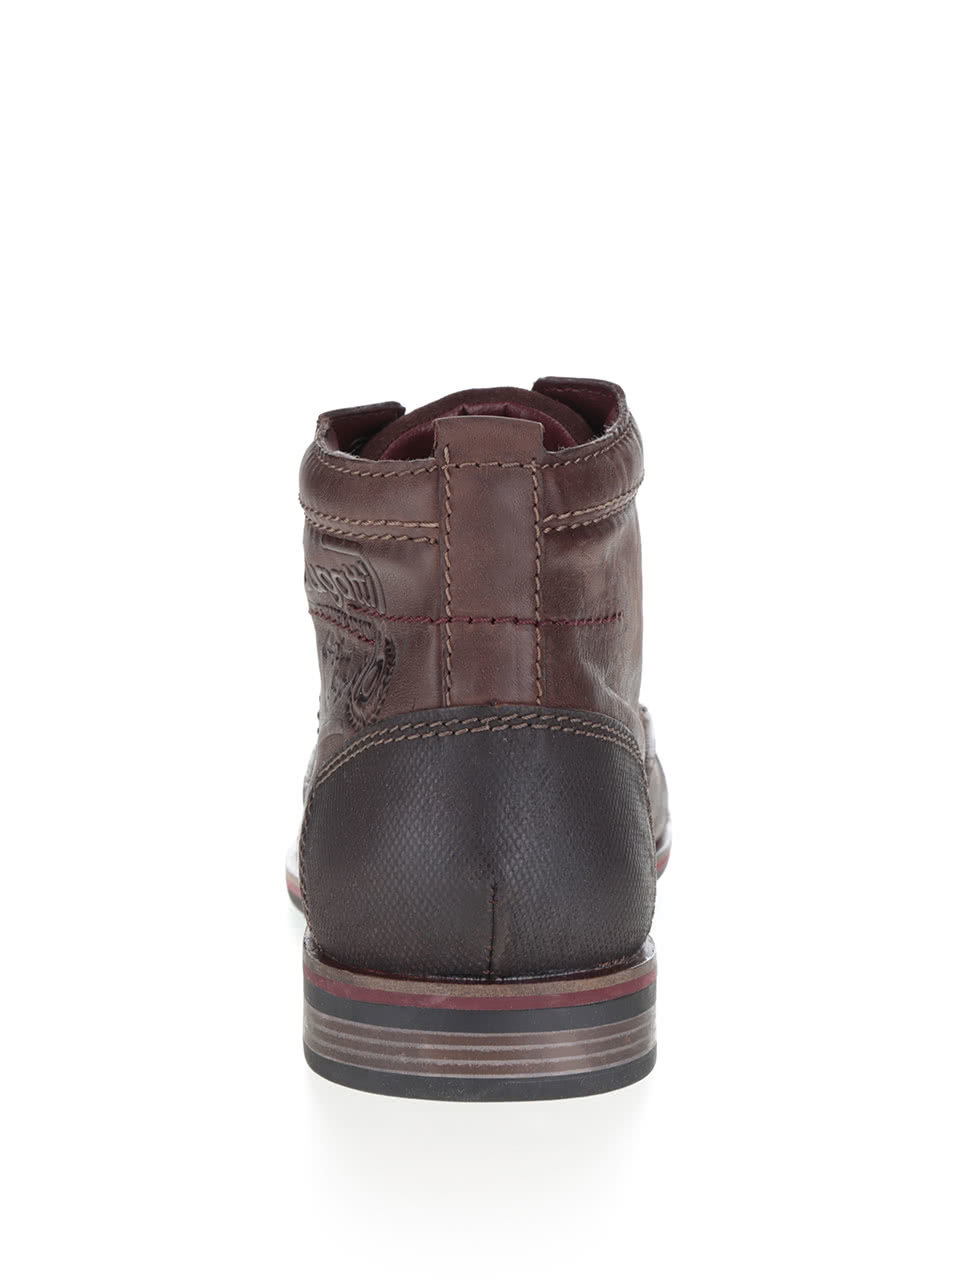 eaa6fef627c1 Hnedé pánske kožené šnurovacie členkové topánky bugatti Abramo ...